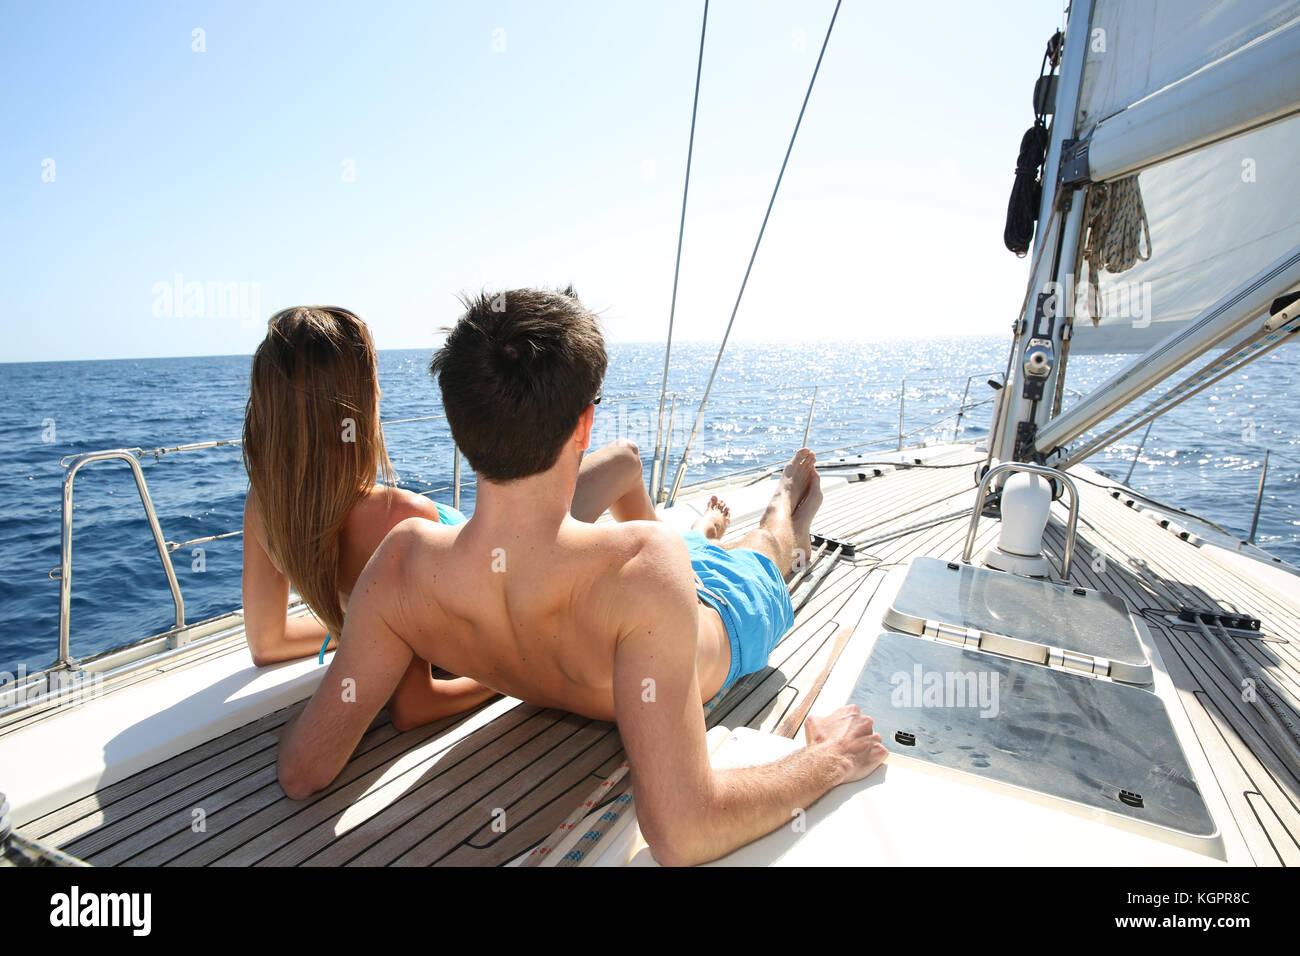 Lucky giovane rilassante sul ponte di barche a vela Immagini Stock